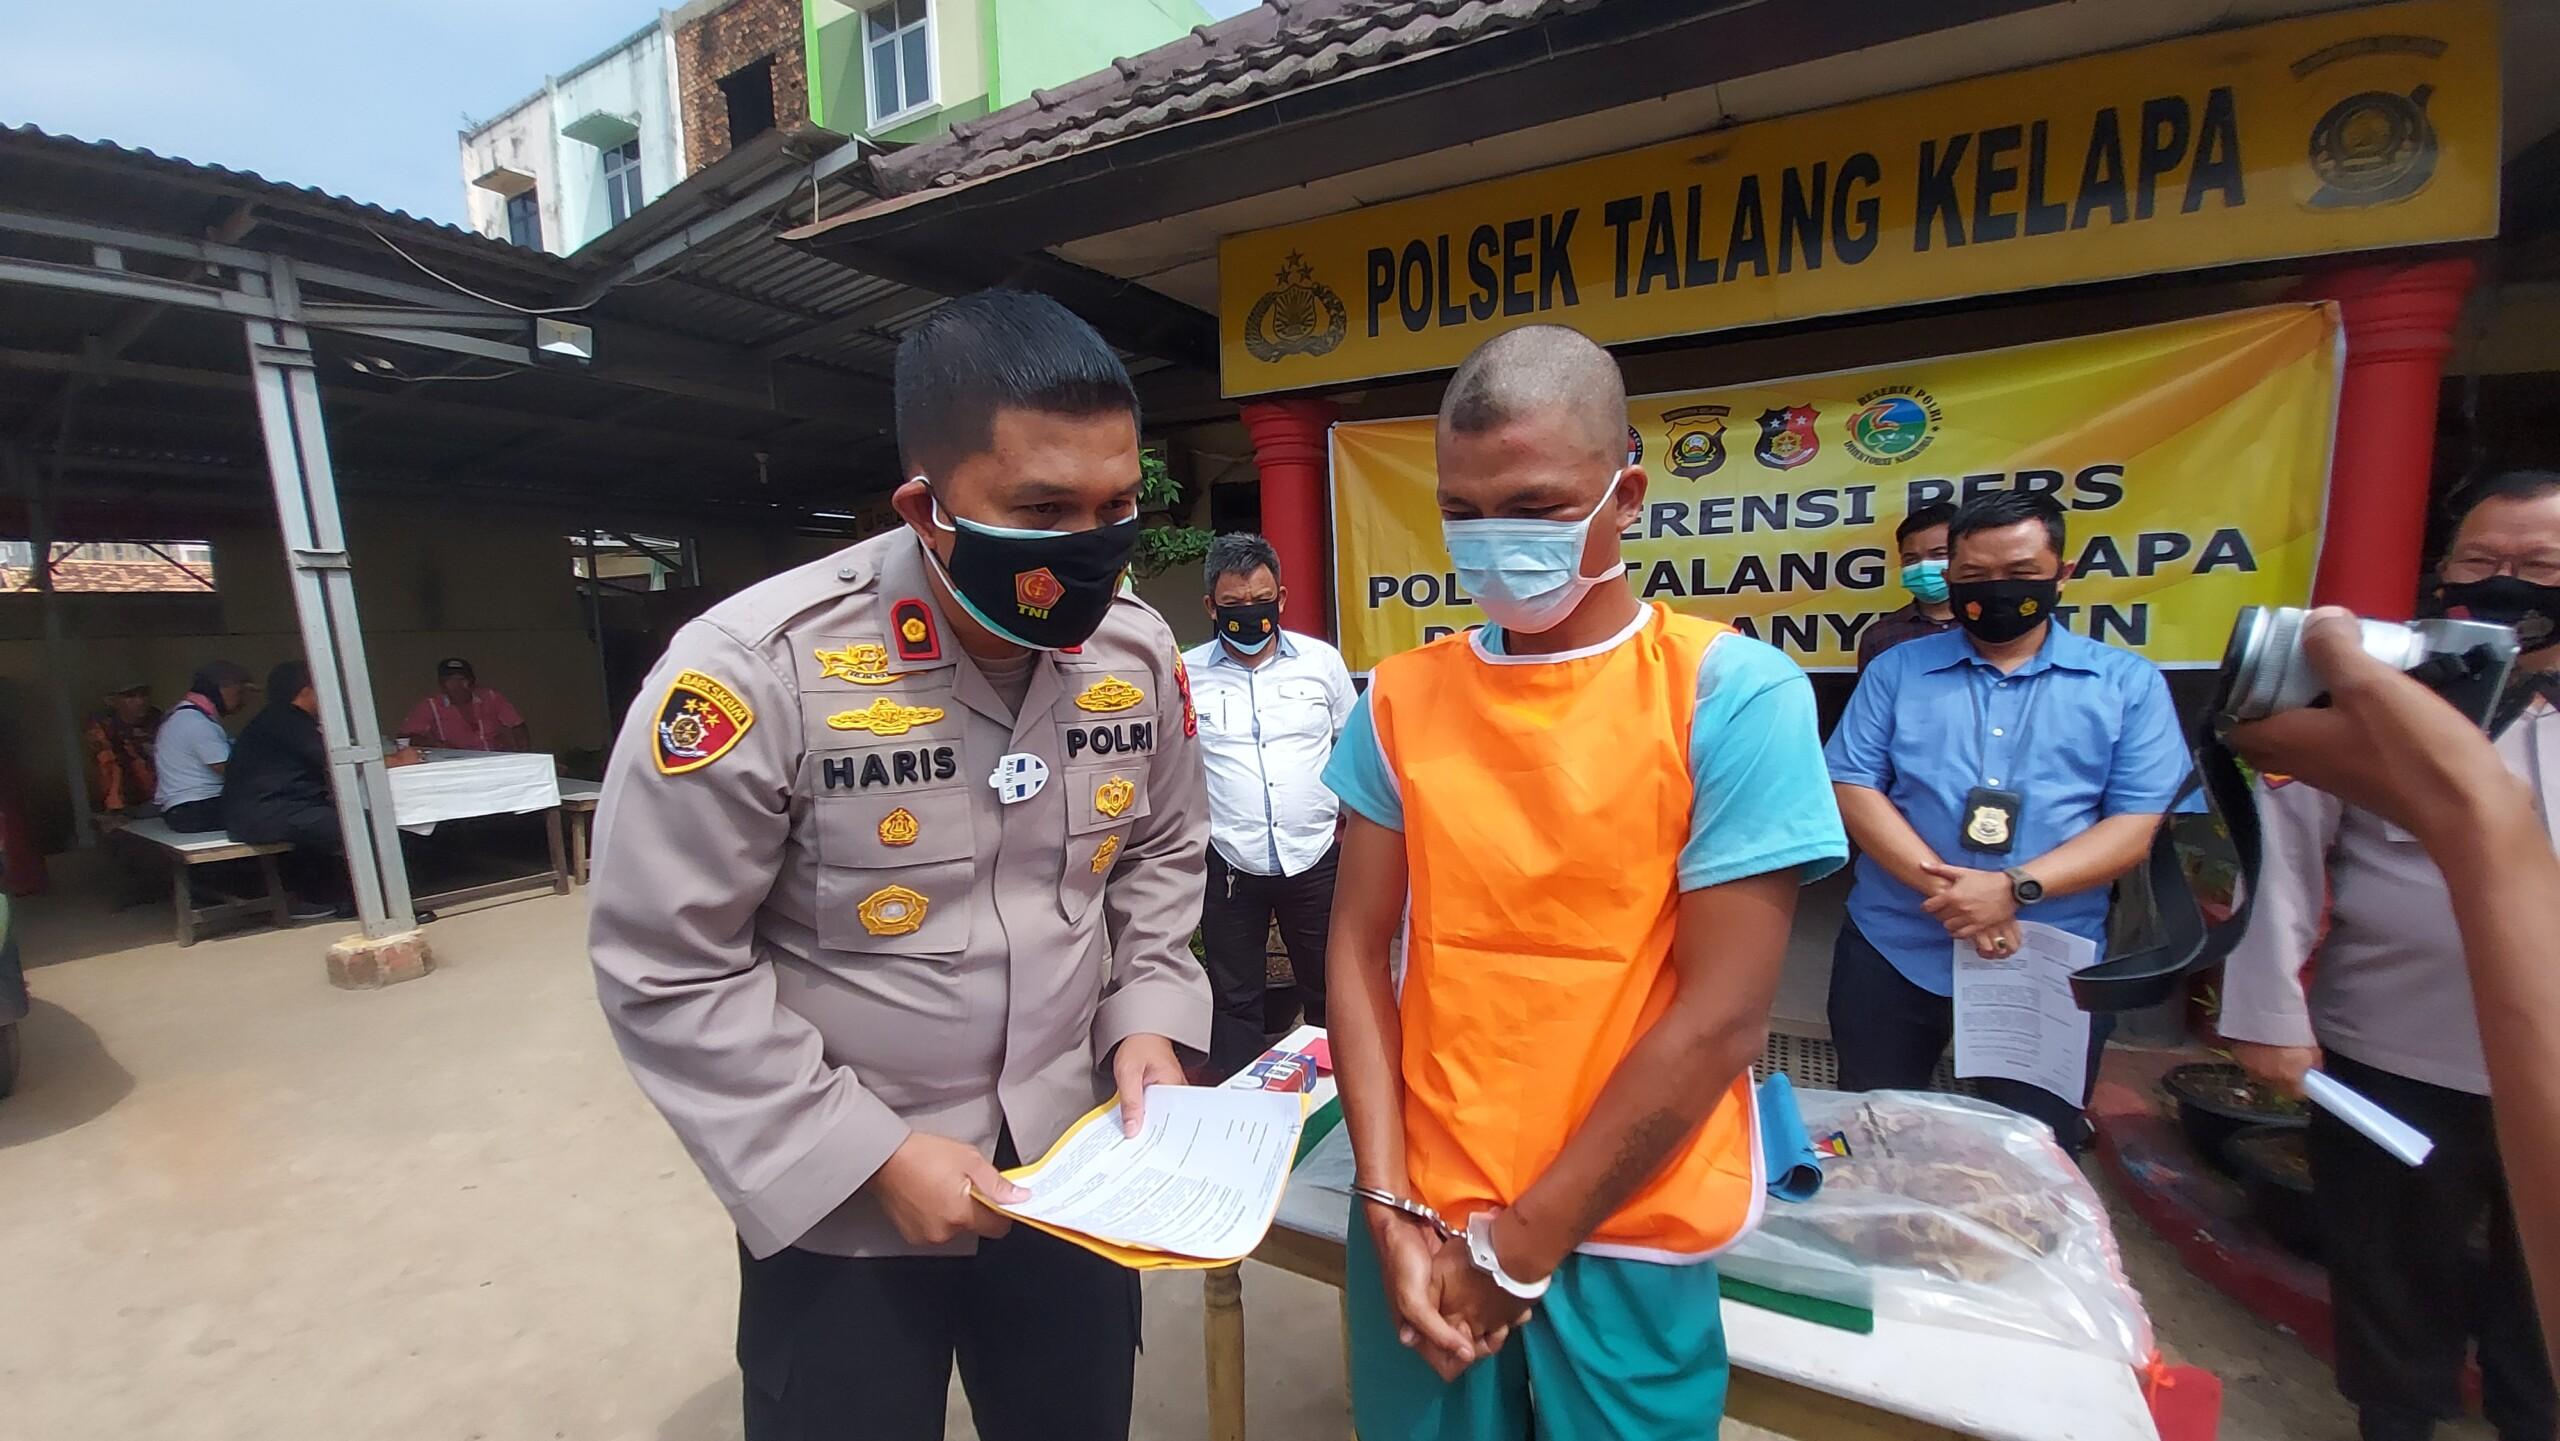 JM, pelaku curas dan asusila di Banyuasin Sumsel saat diinterogasi di Polsek Talang Kelapa Banyuasin Sumsel (Dede Febryansyah / Mattanews.co)